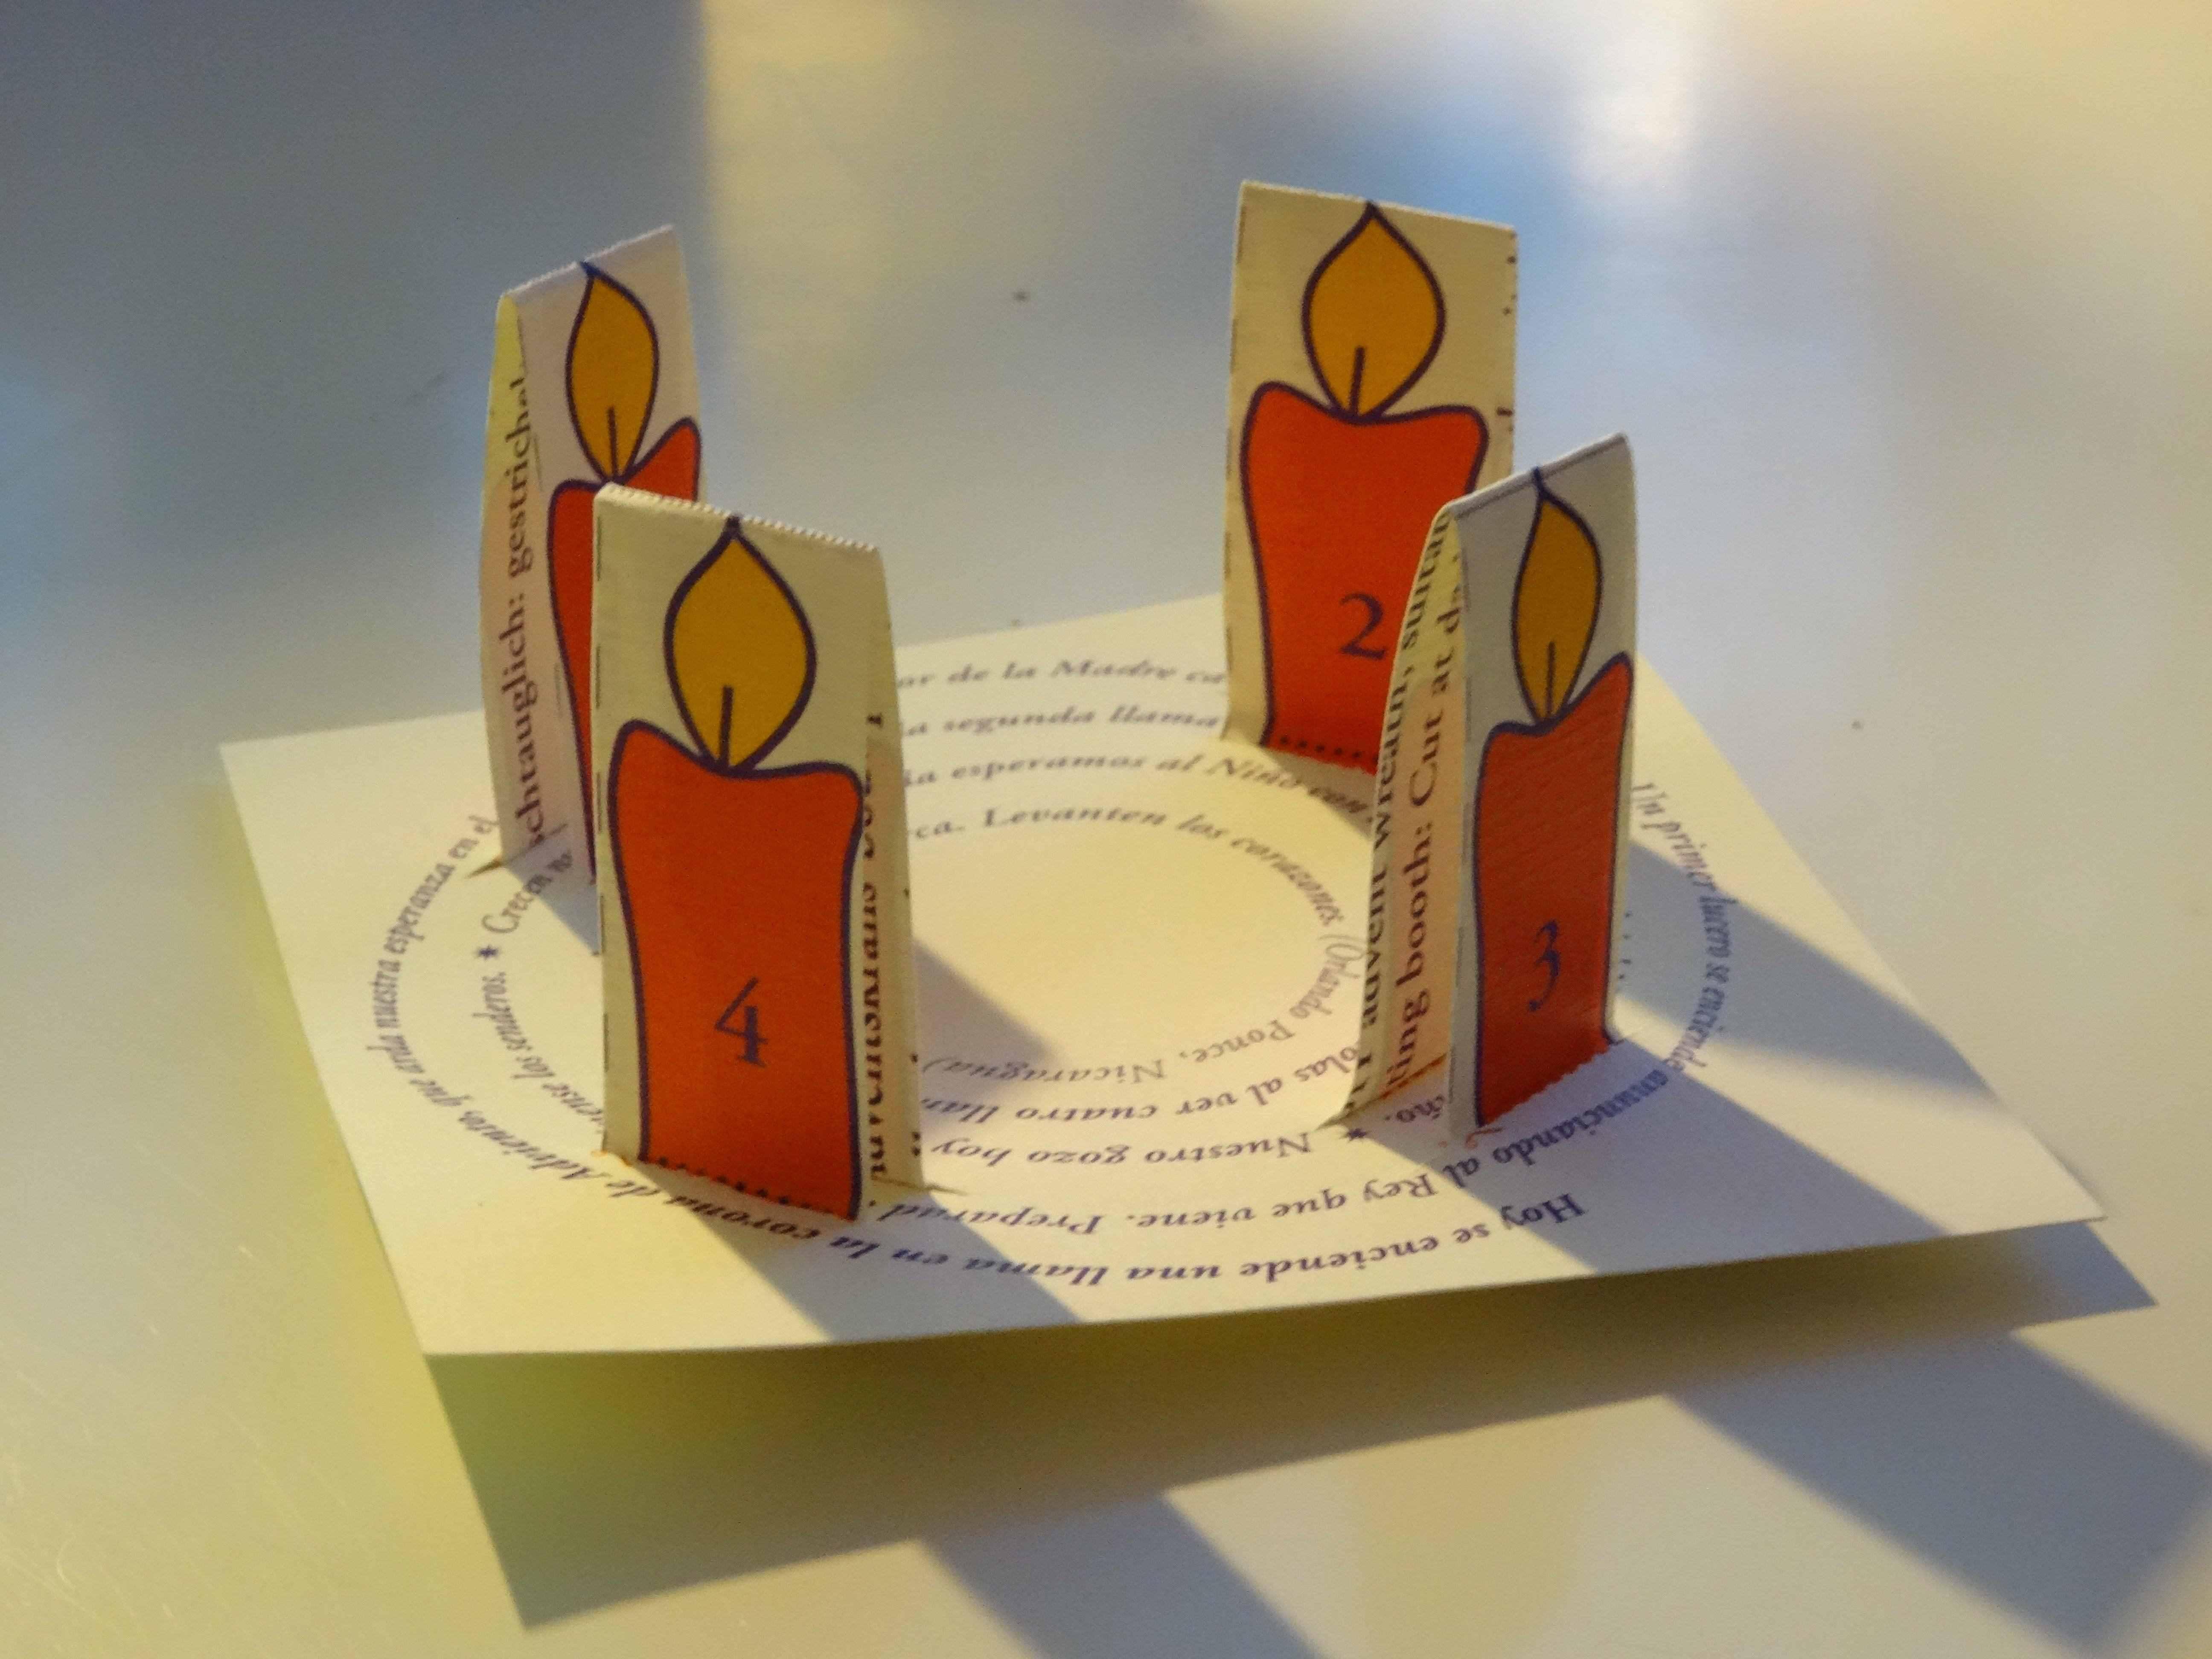 Adventskranz-advent wreath-corona de adviento_klein